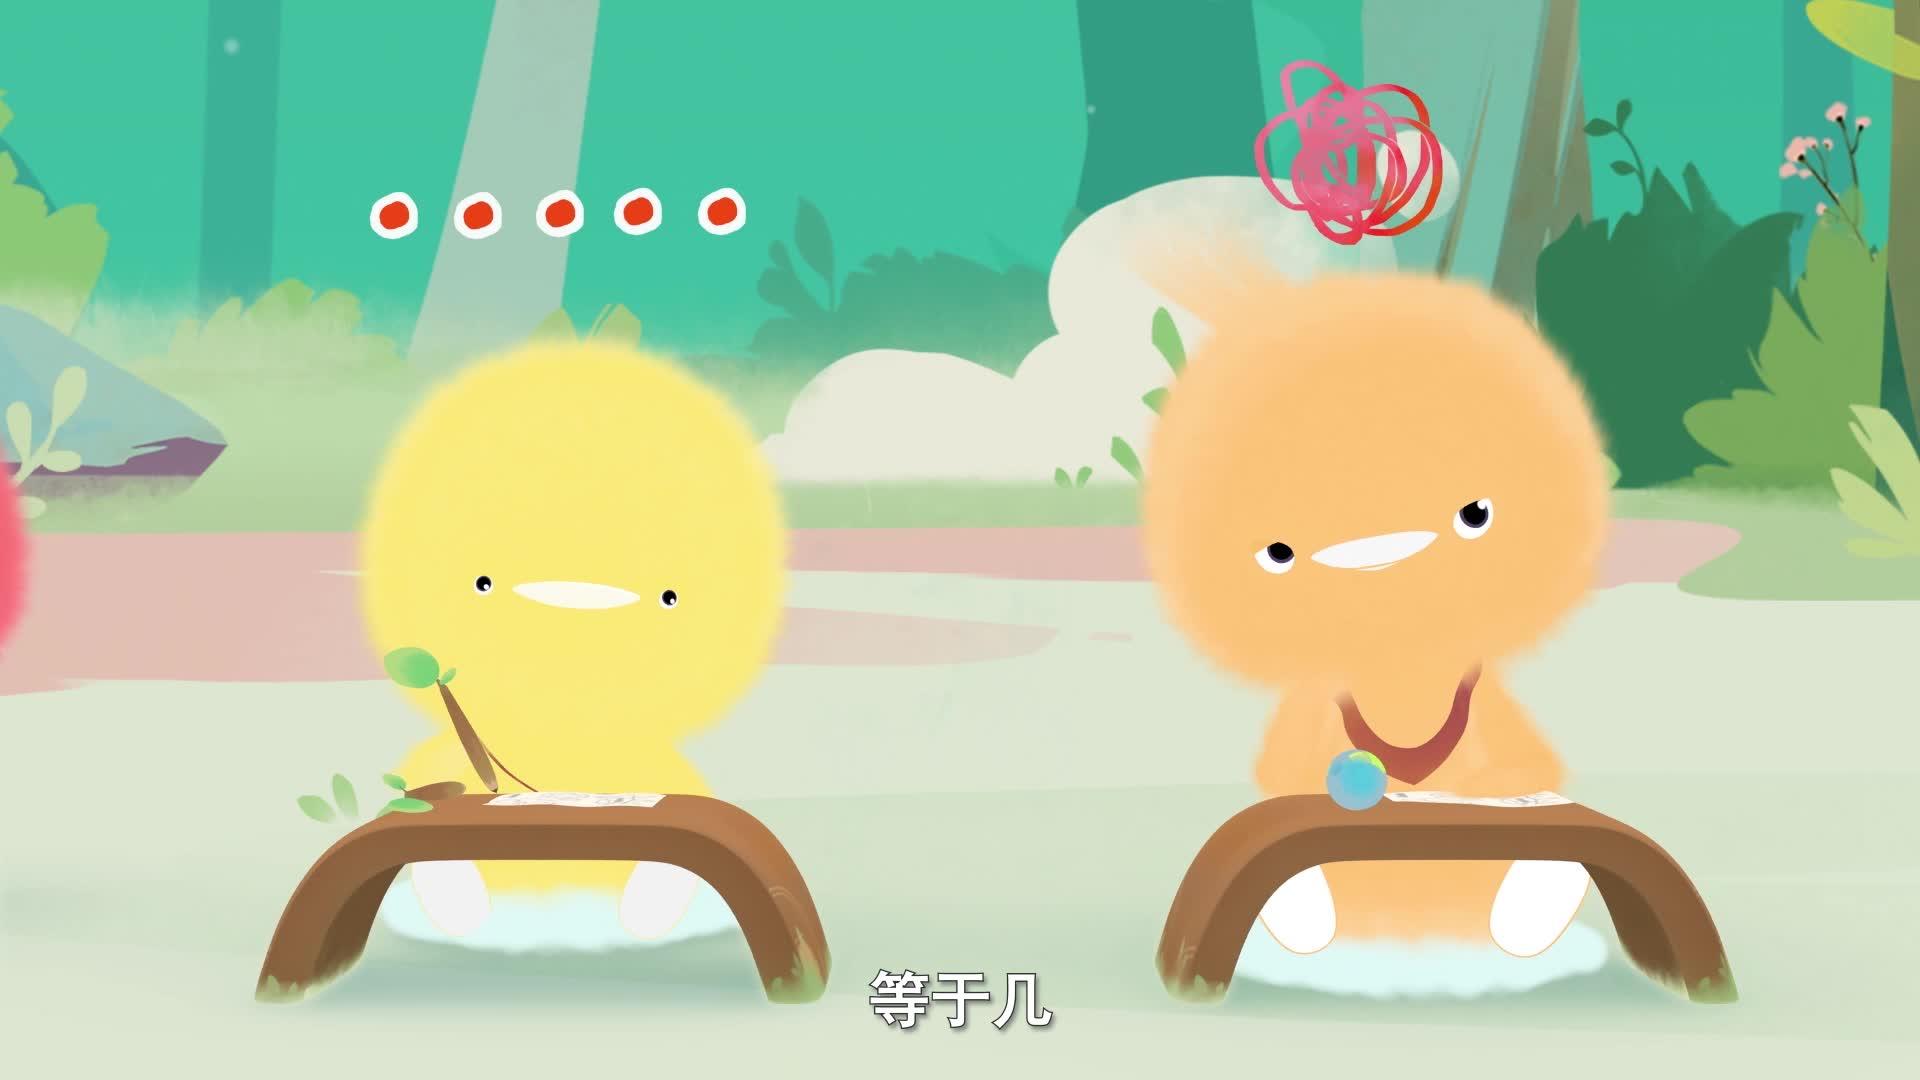 《小鸡彩虹》 第六季 02幸运日